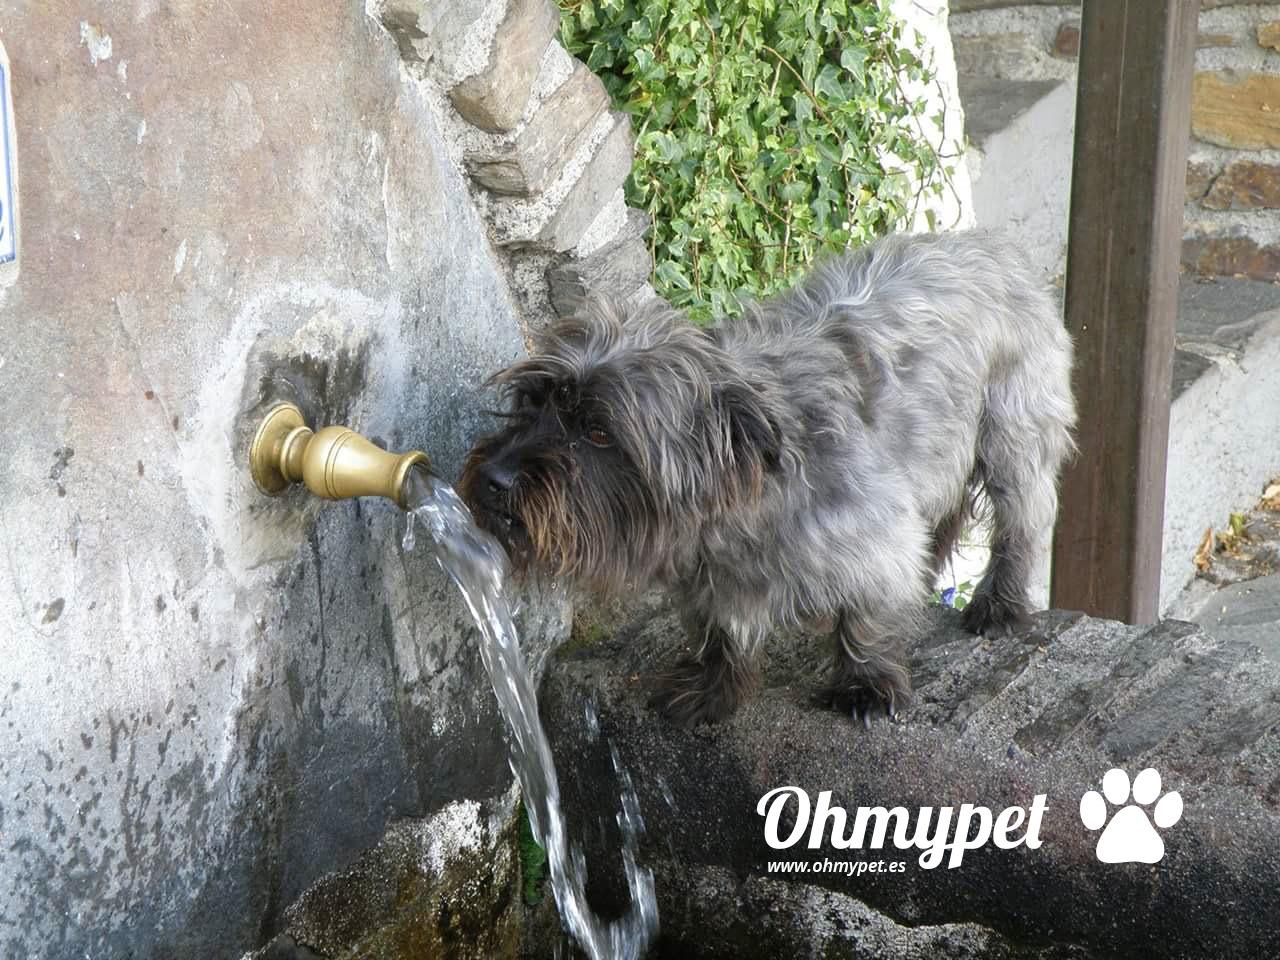 Protege a tu mascota del calor